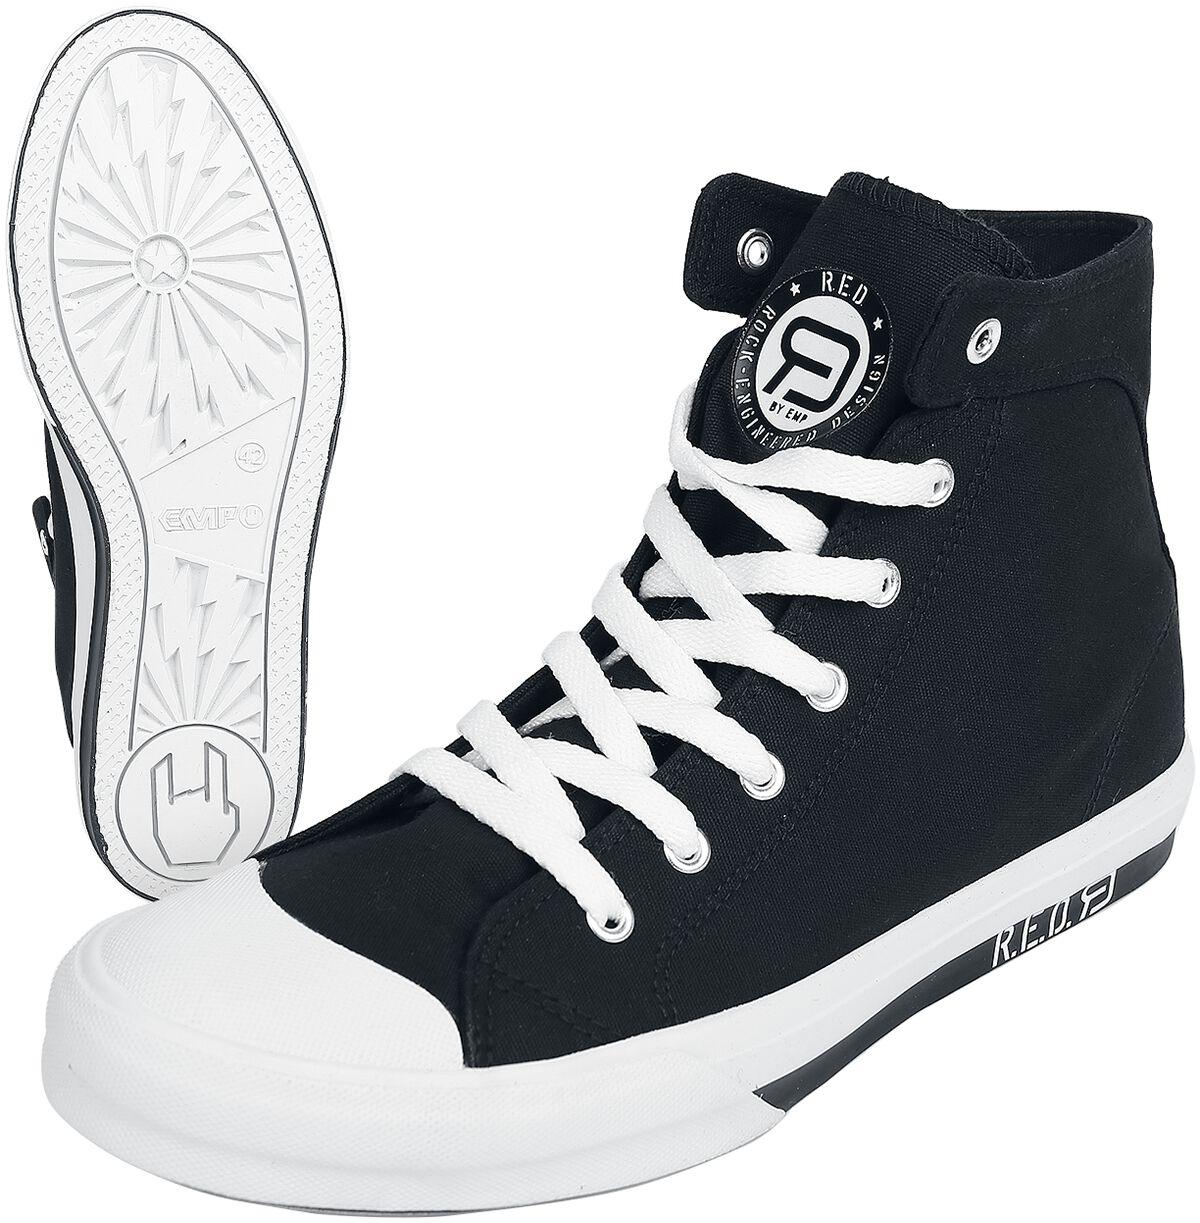 Sneakers für Frauen - RED by EMP Walk The Line Sneaker schwarz weiß  - Onlineshop EMP